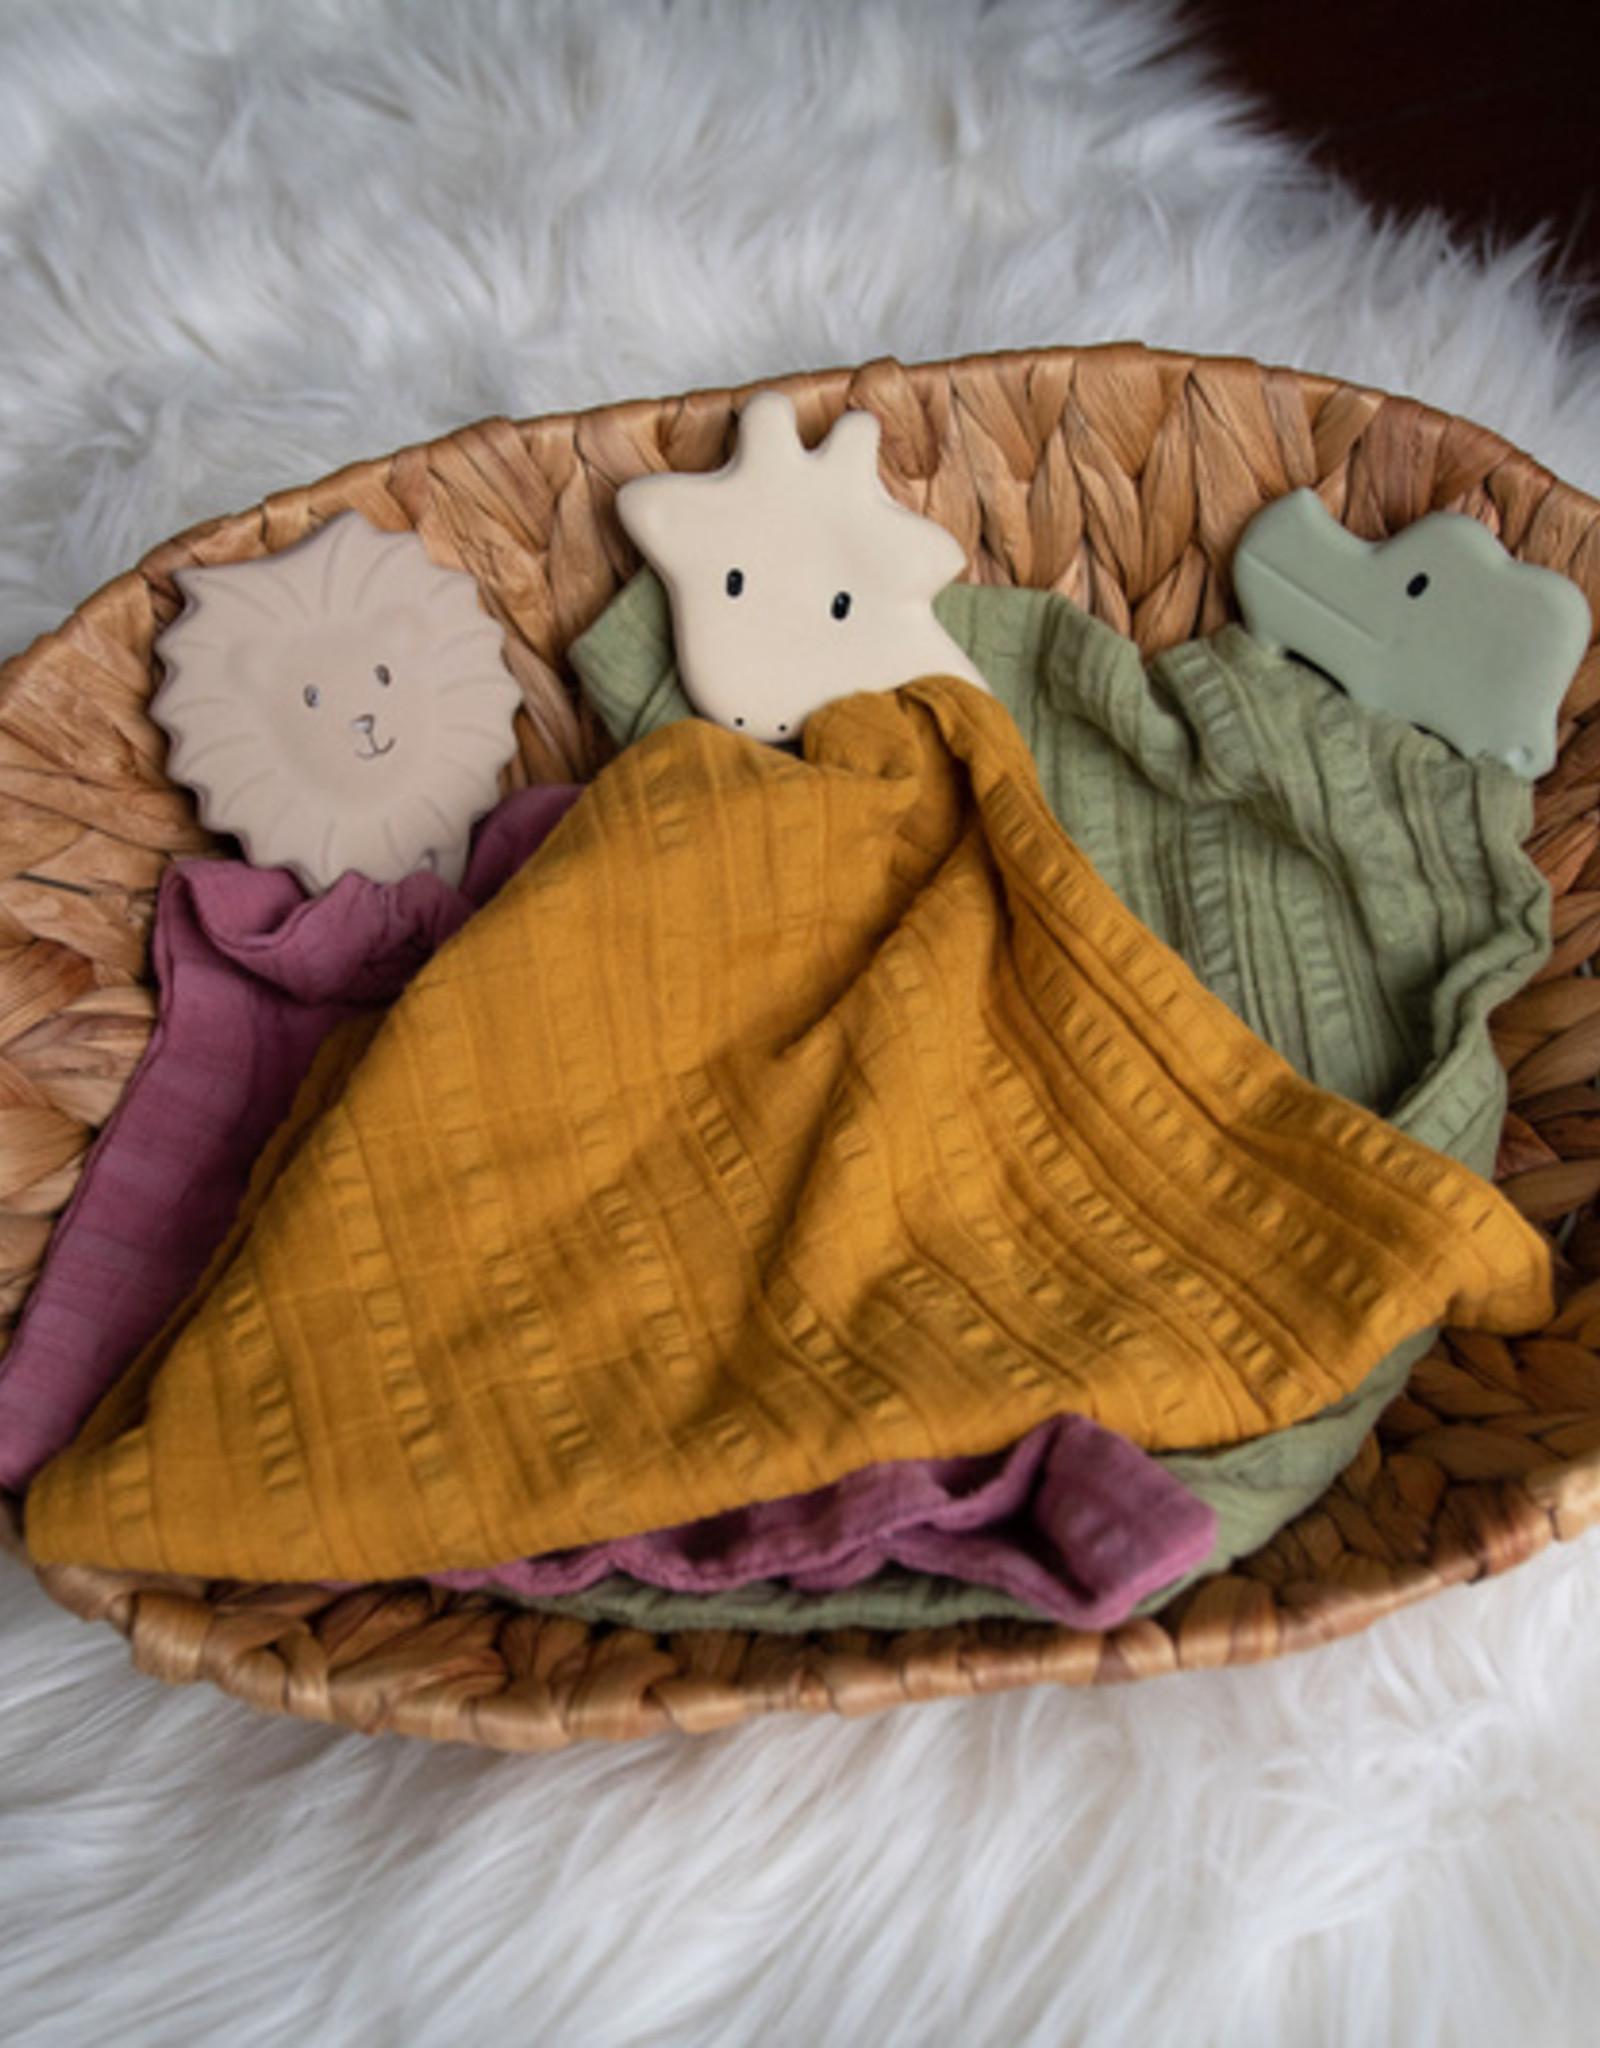 Tikiri Tikiri - Teether Crocodile With Olive Green Muslin Comforter